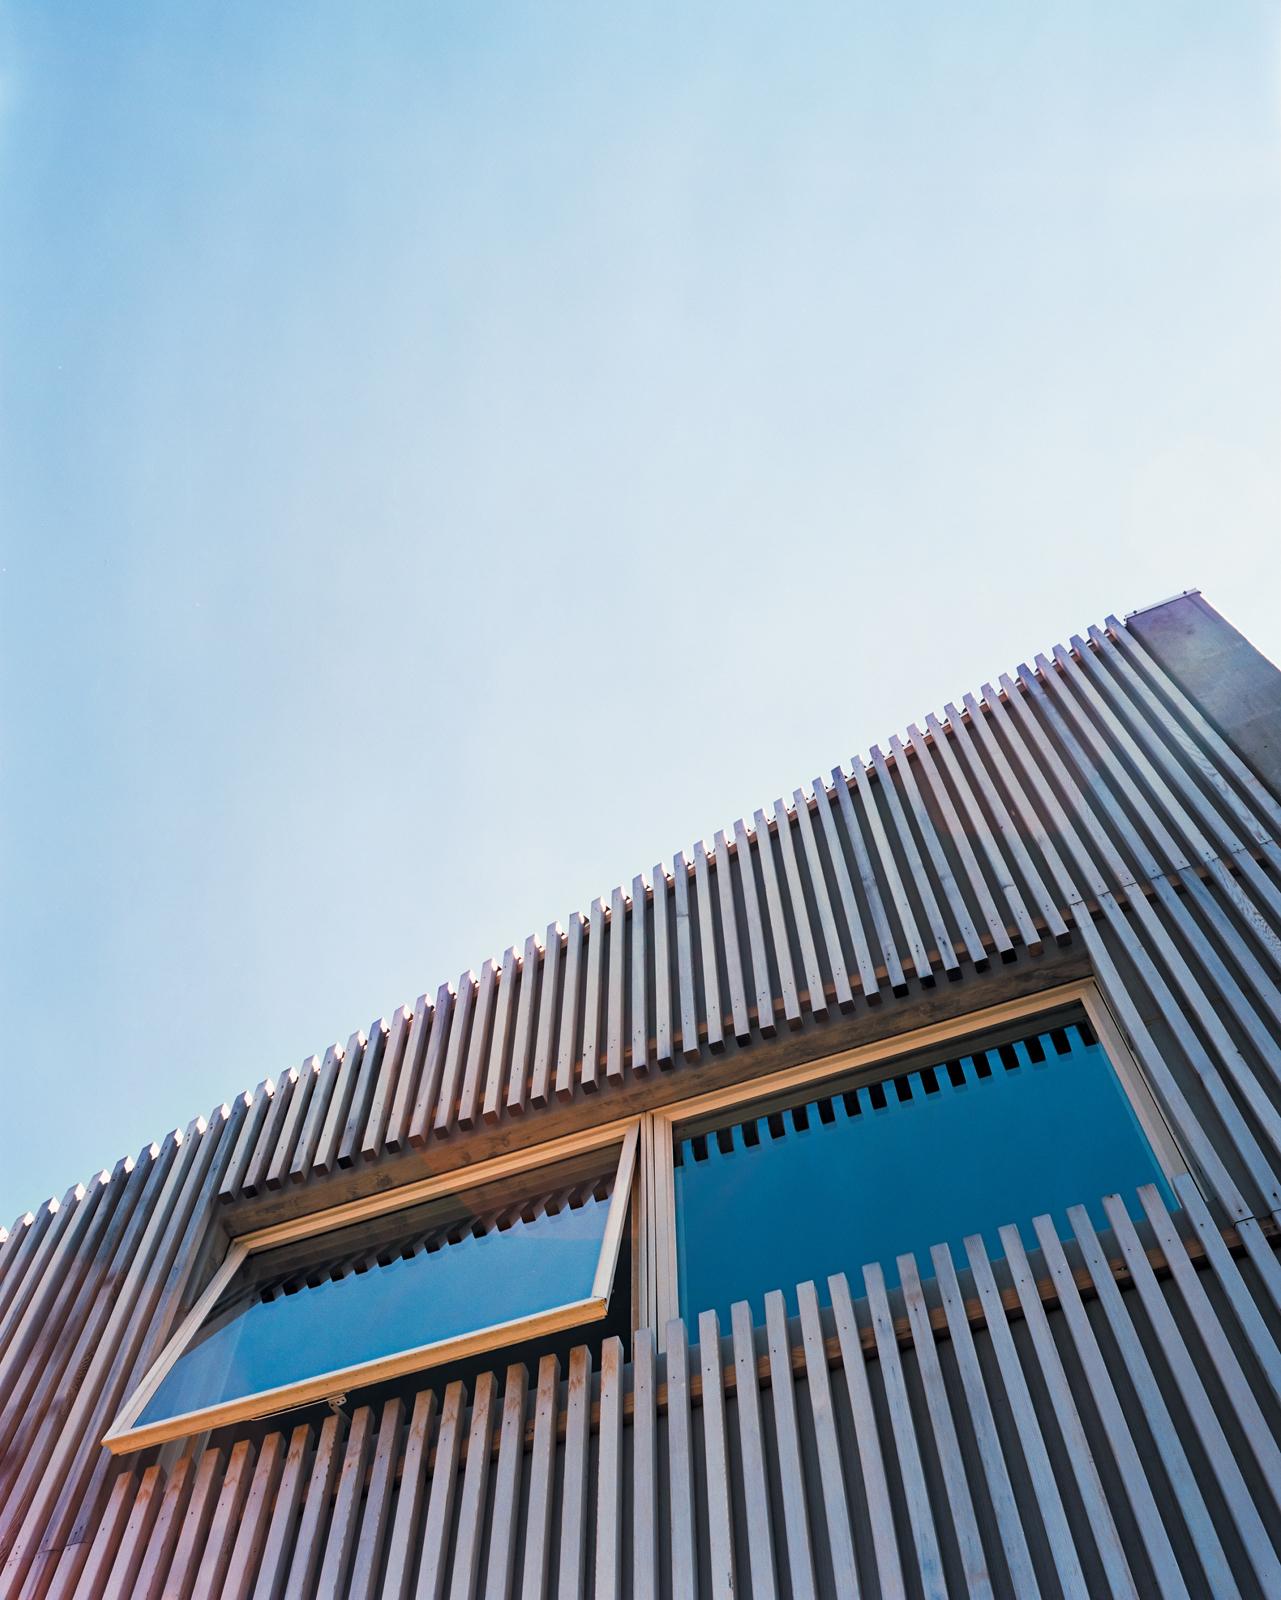 Modern home facade with cedar-slat rain screen